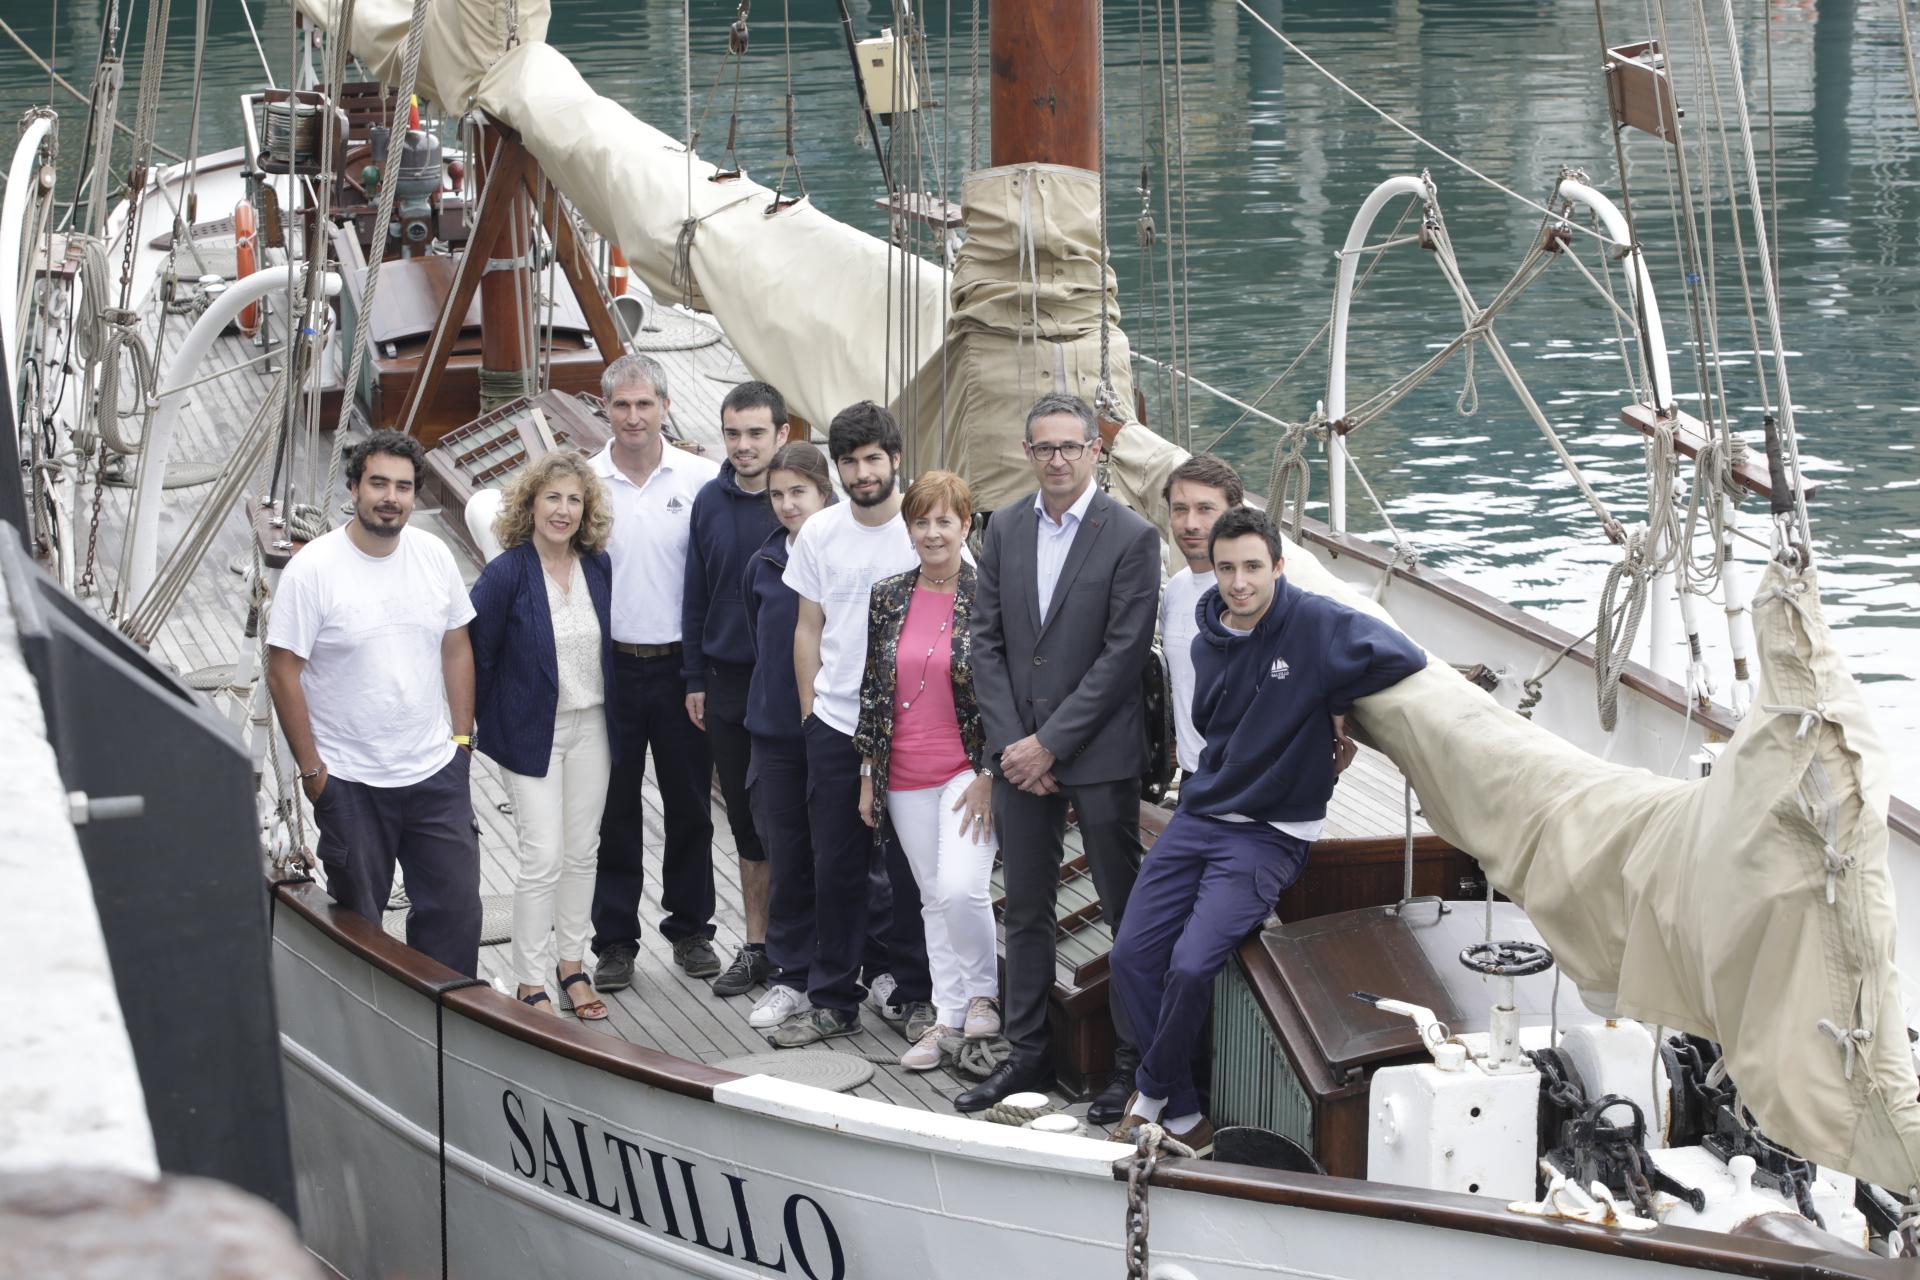 Los puertos de Euskadi gestionados por el Gobierno Vasco serán escenario de 124 actividades lúdicas este verano